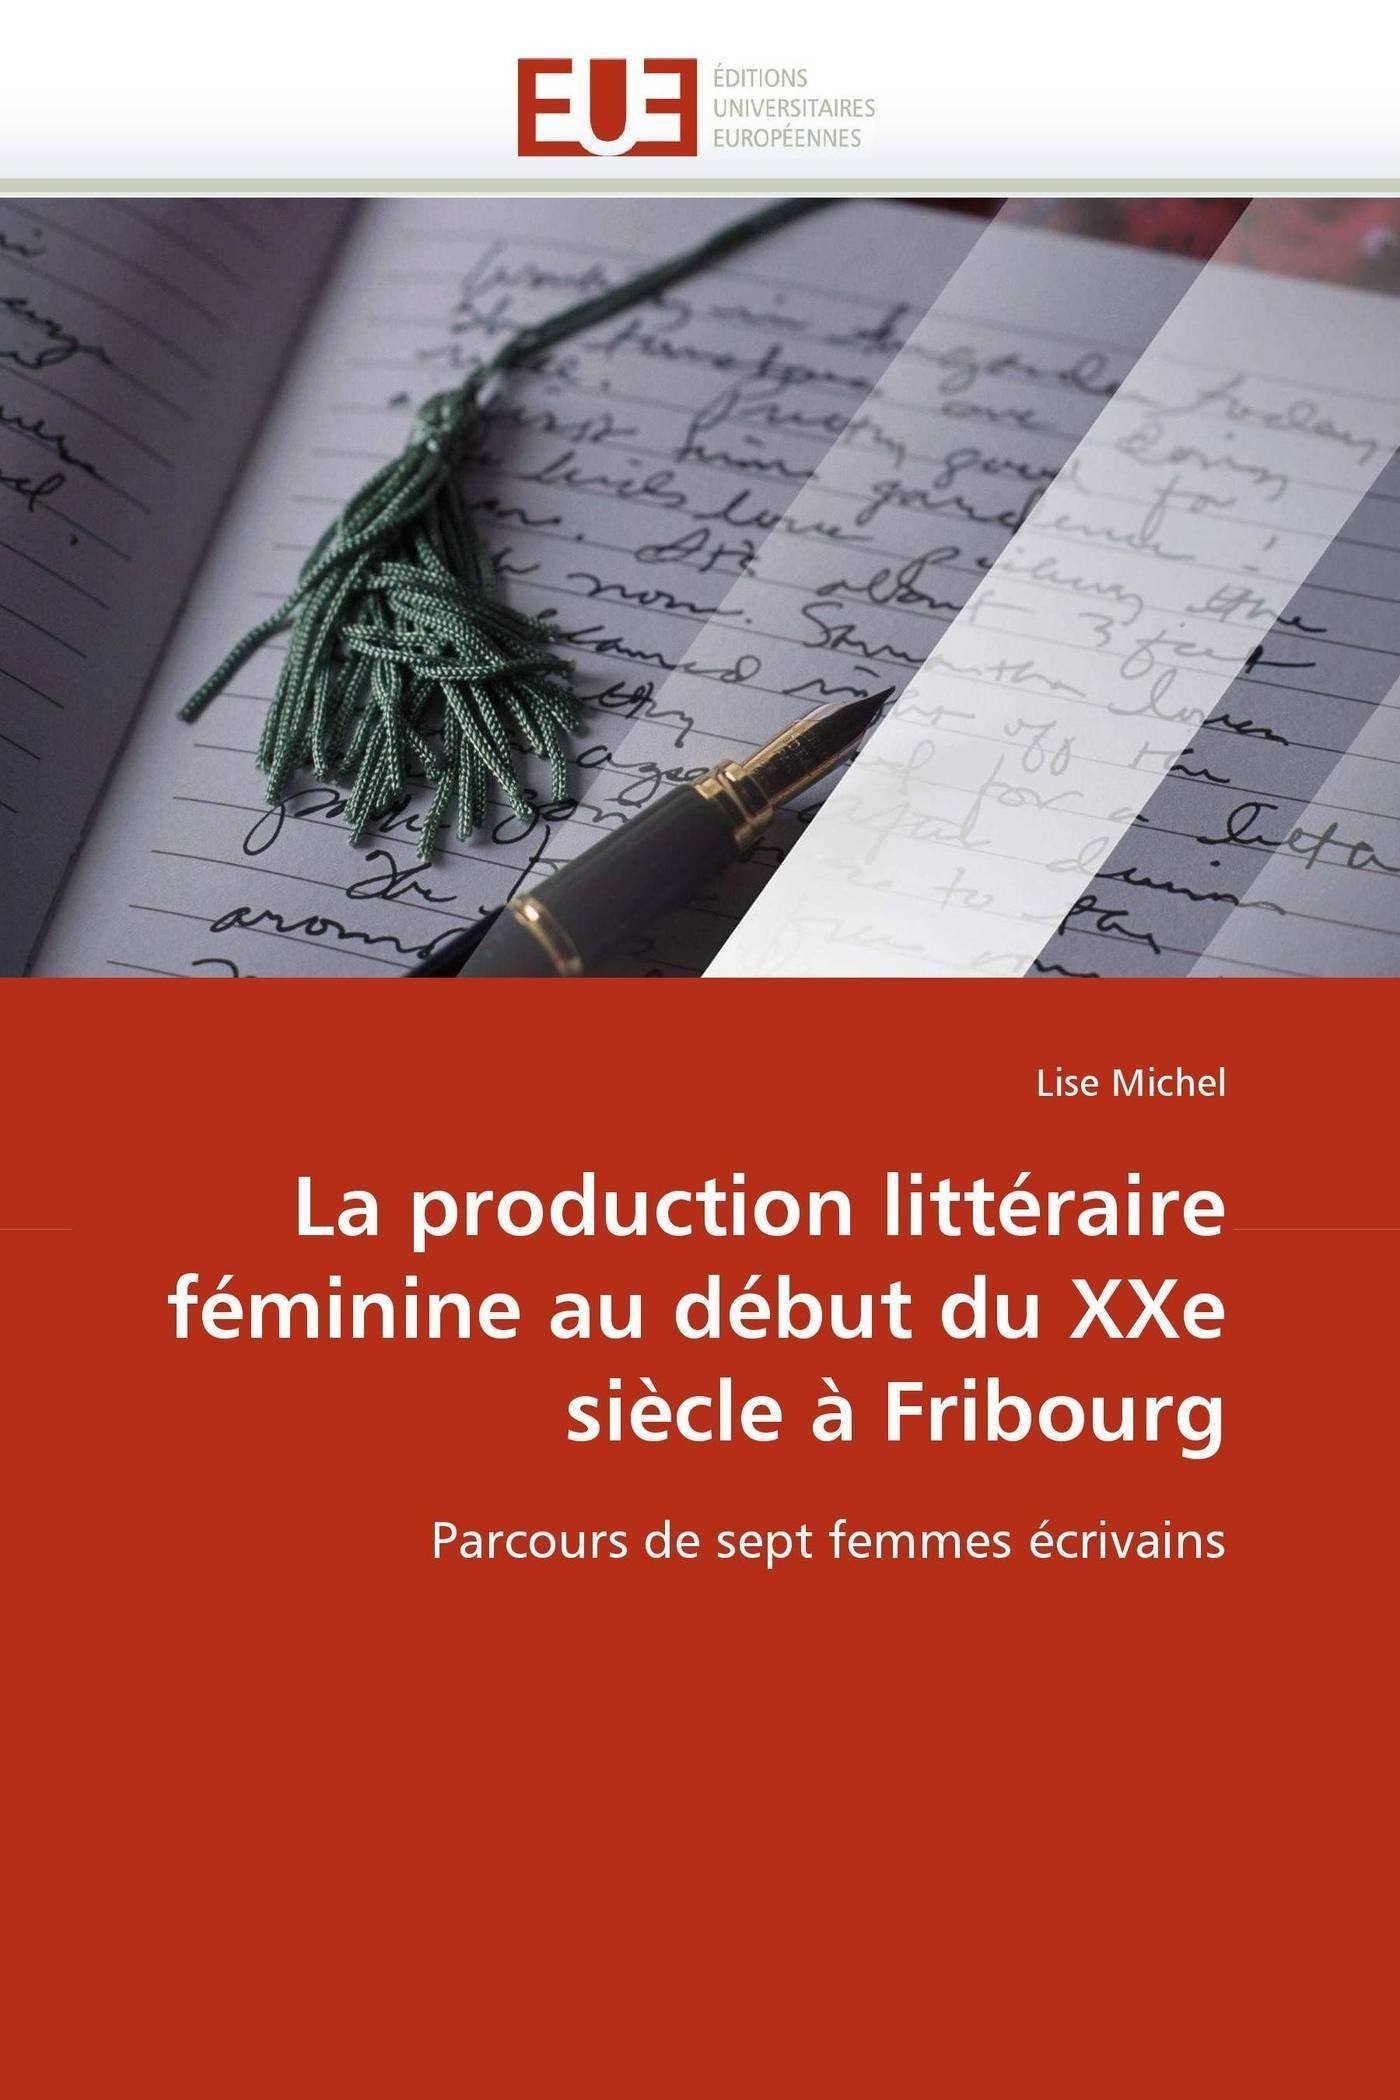 Read Online La production littéraire féminine au début du XXe siècle à Fribourg: Parcours de sept femmes écrivains (Omn.Univ.Europ.) (French Edition) pdf epub